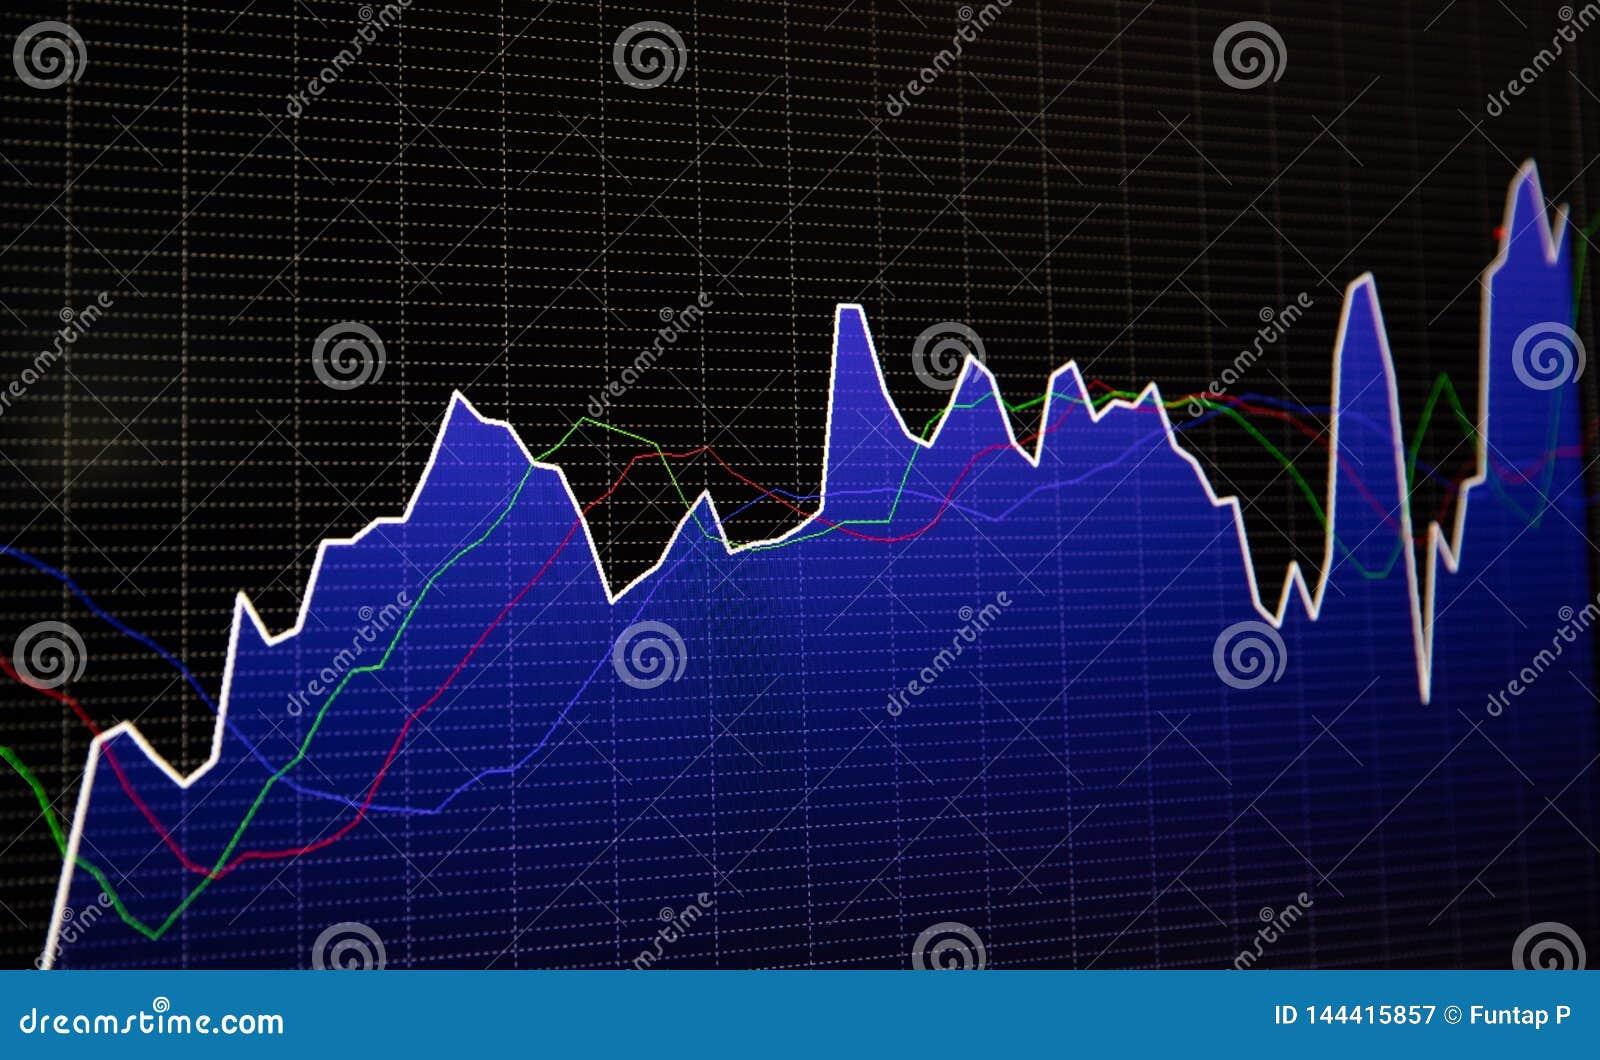 Exposição financeira do preço do gráfico do mercado de valores de ação e da carta de barra no fundo escuro